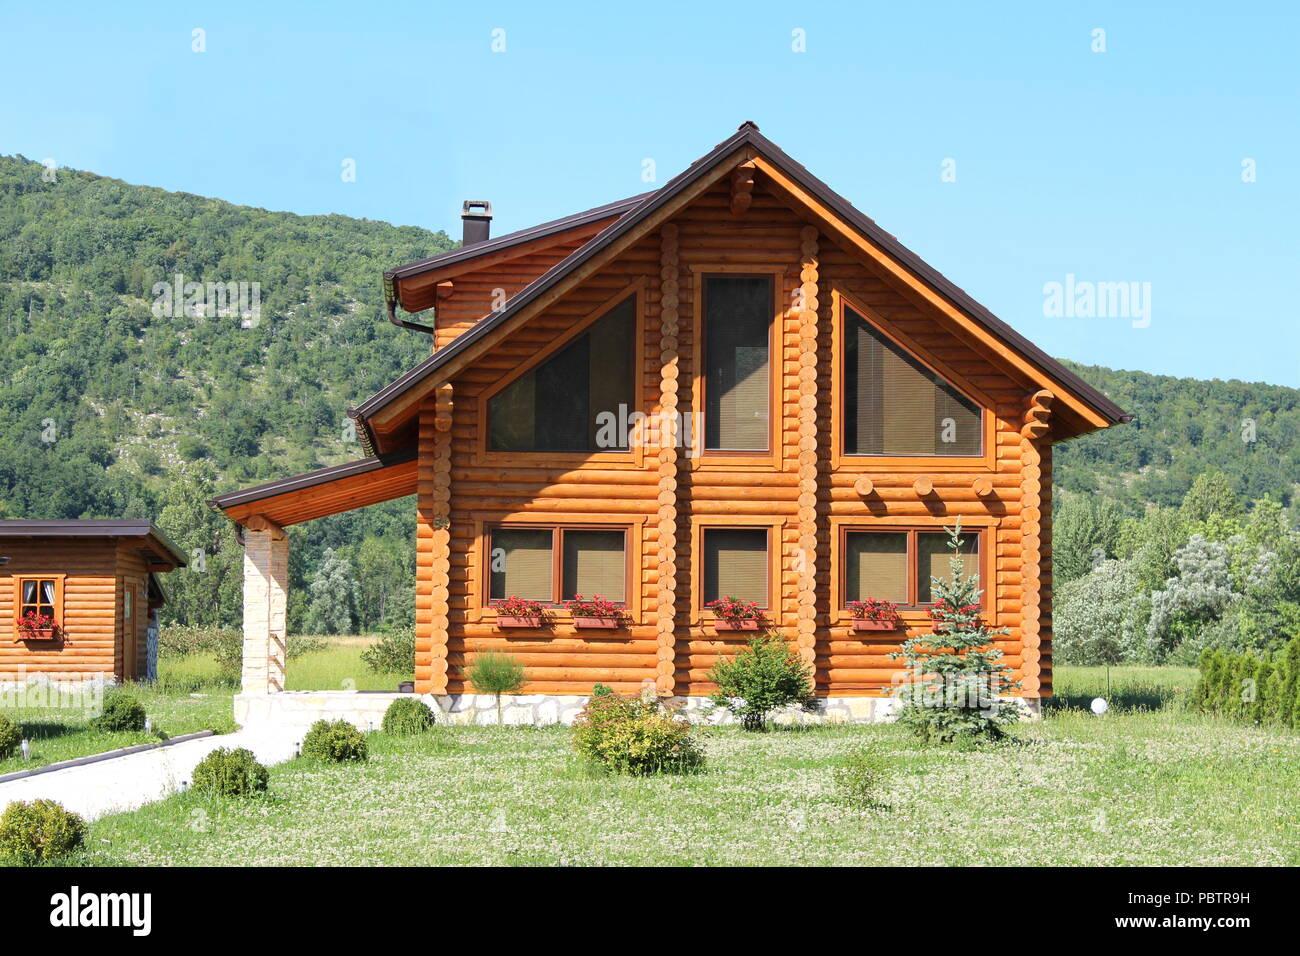 Di recente costruzione in legno log cabin casa con grandi finestre e entrata in pietra circondato da erba non tagliata piena di piccoli fiori e foresta con blu chiaro Immagini Stock